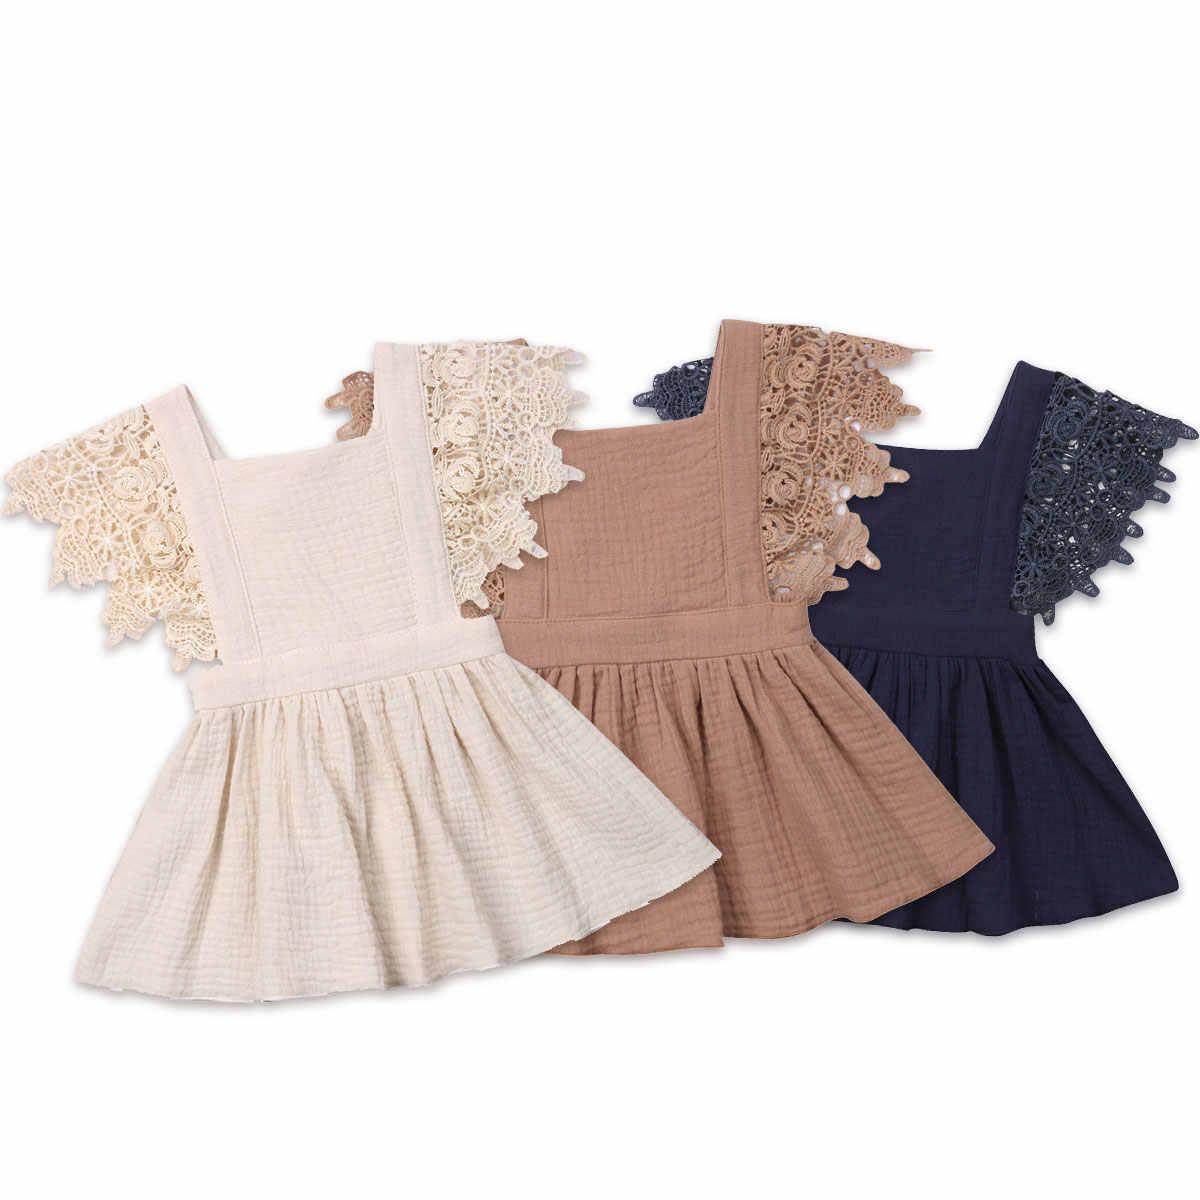 Винтажное платье для новорожденных девочек летние кружевные платья принцессы с оборками для маленьких девочек вечерние праздничные костюмы для путешествий